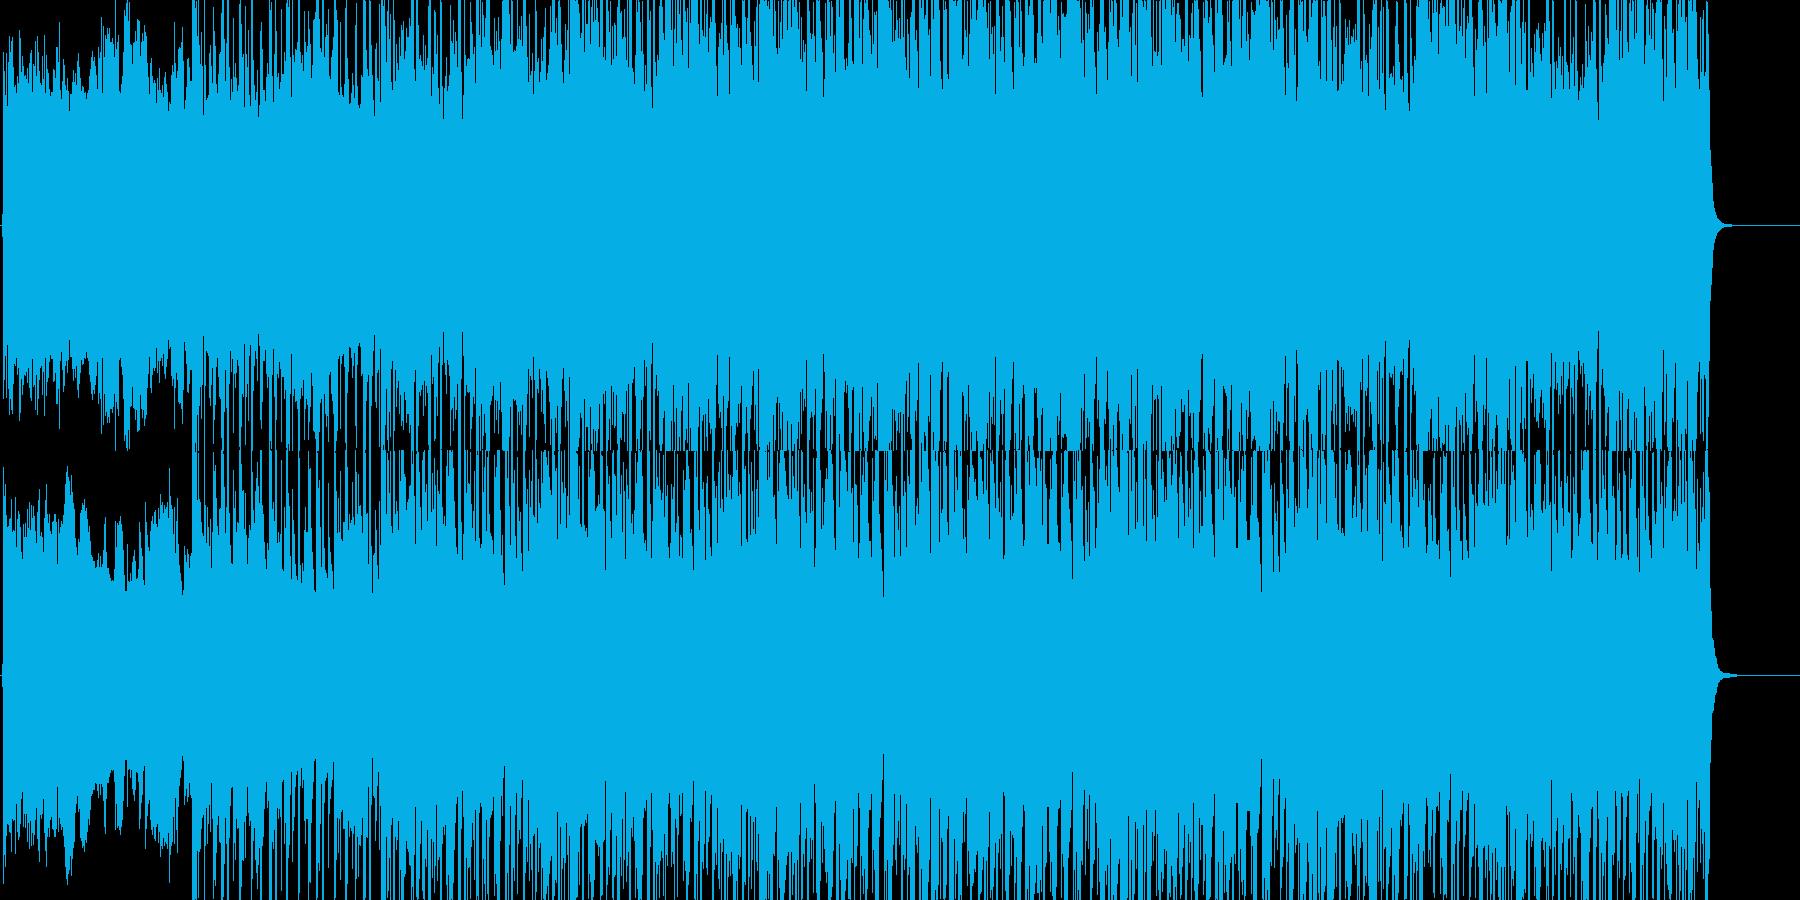 幻想的且つ哀愁漂うテクノの再生済みの波形